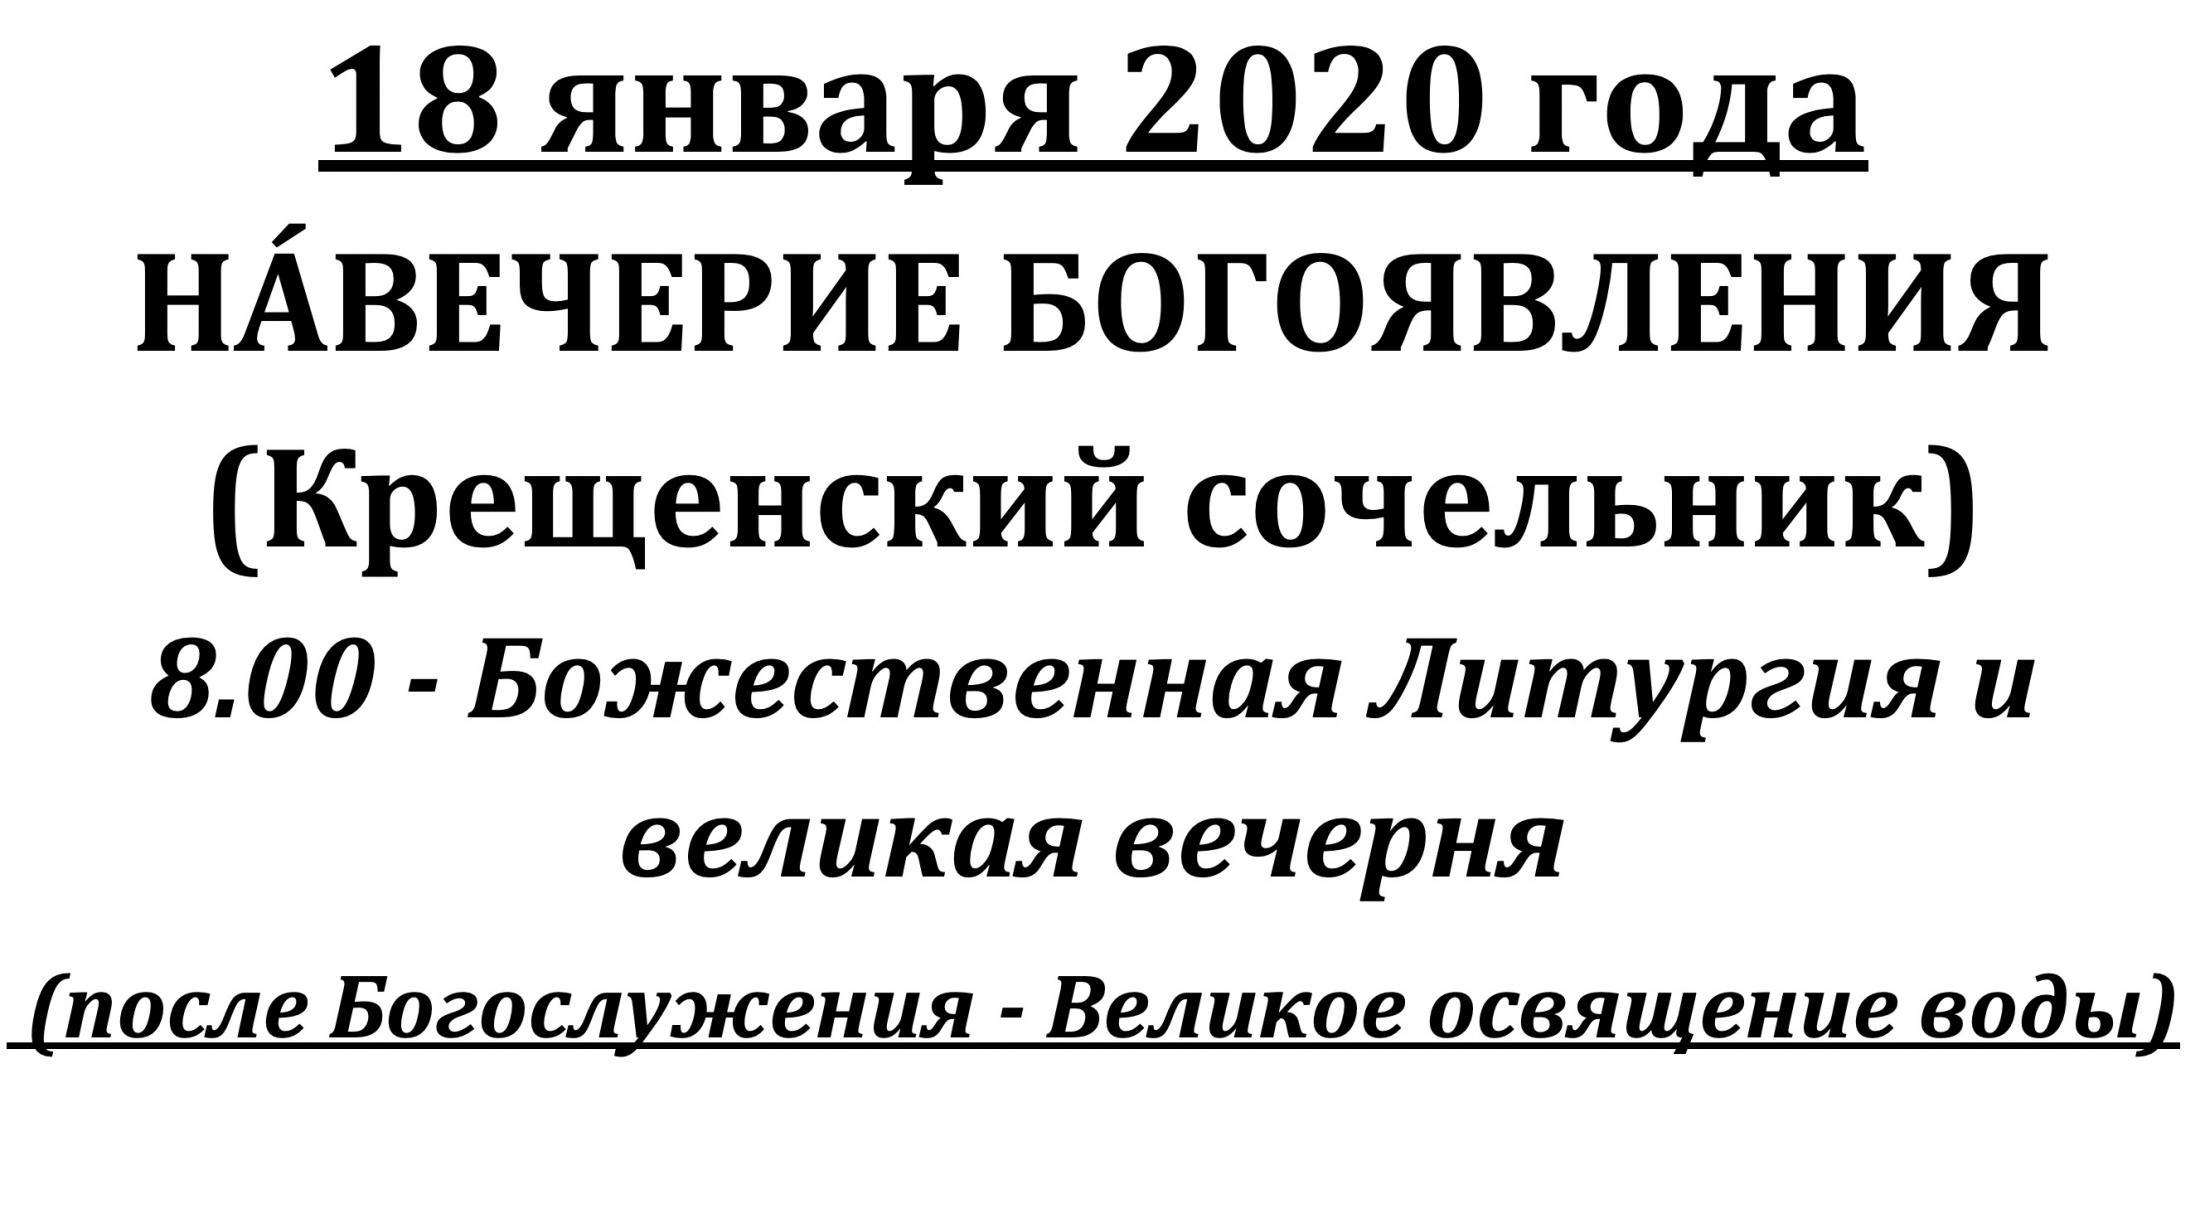 snimok_ekrana_2020-01-15_v_12.12.00.jpg